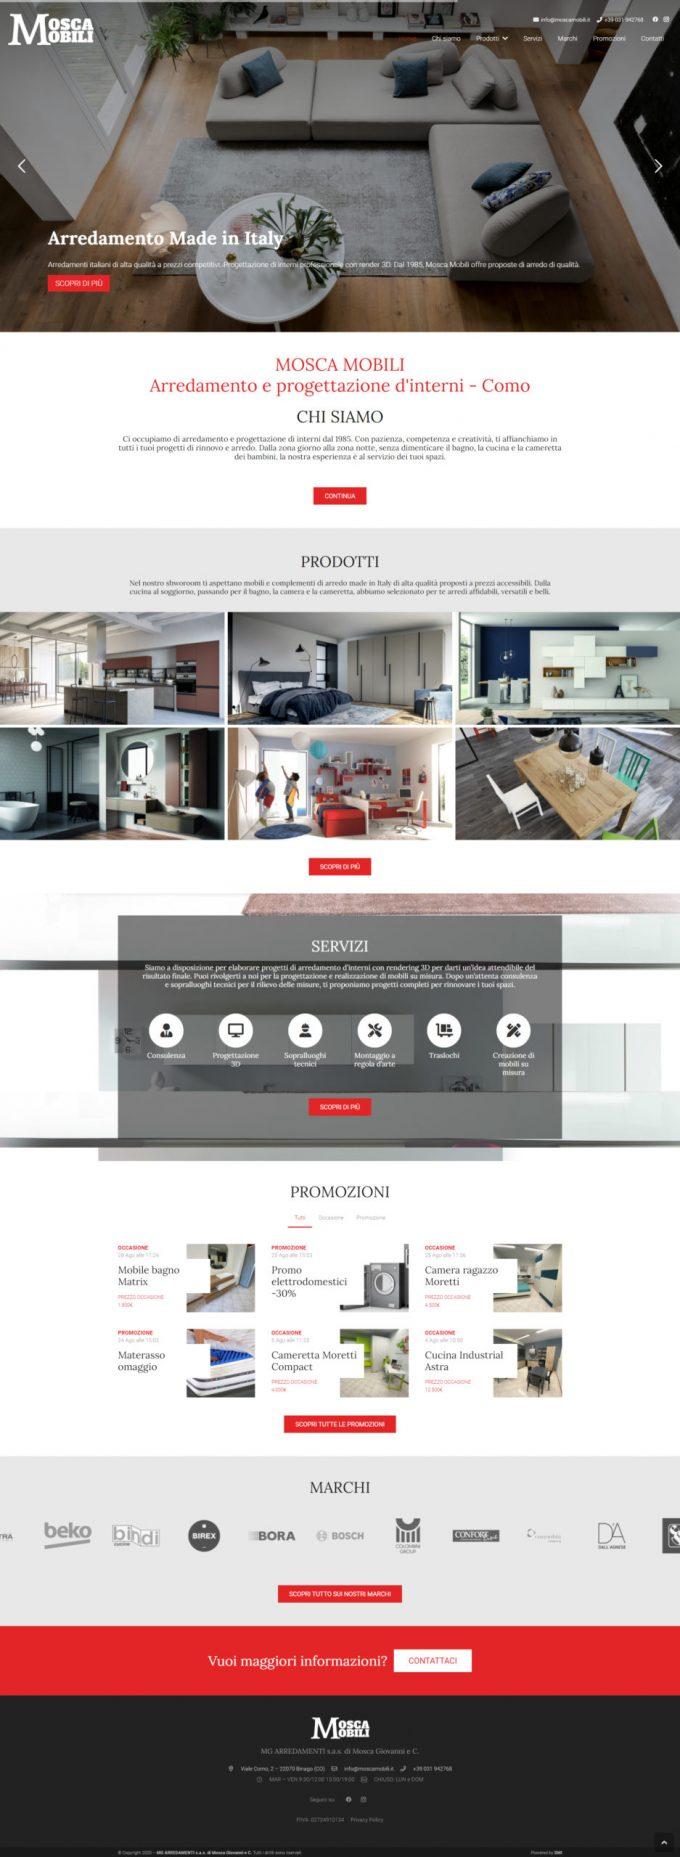 Mosca Mobili – Arredamento e progettazione d'interni Como